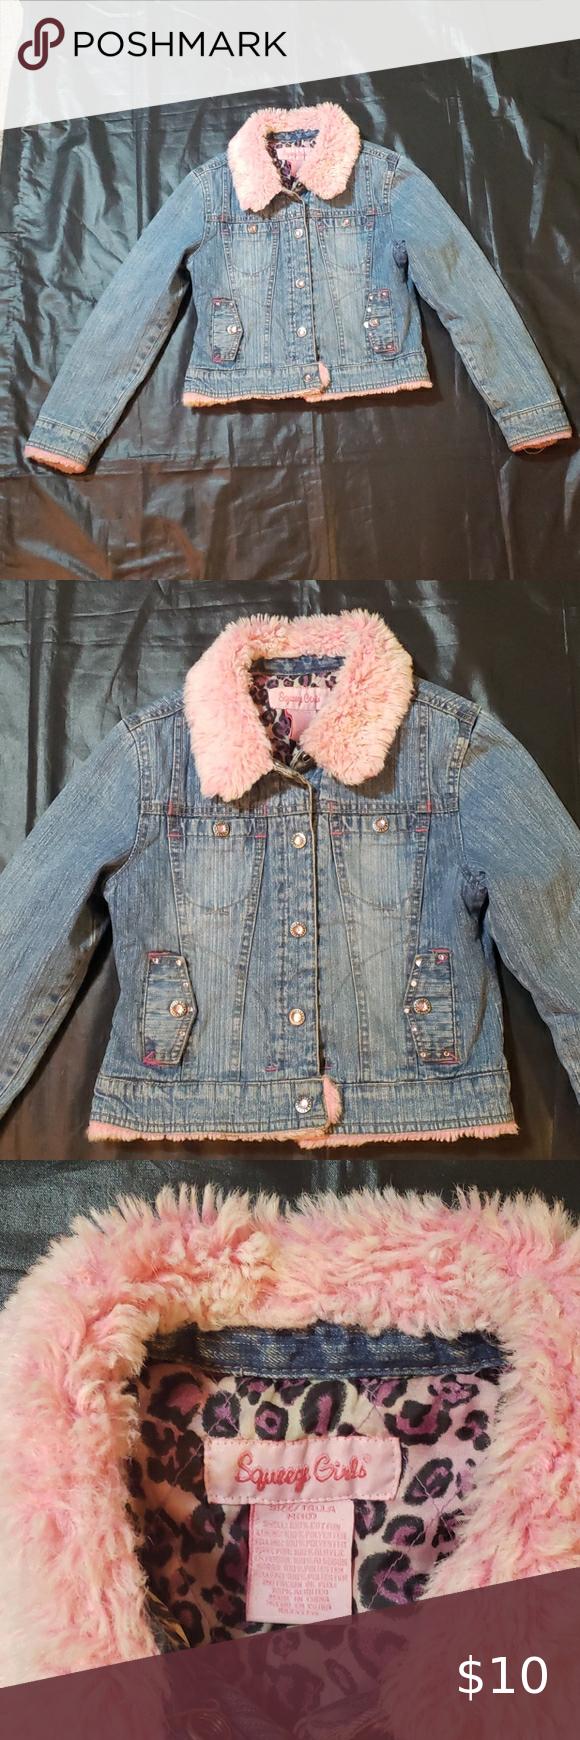 Squeeze Girls Jean Jacket Sz M 10 In 2020 Jean Jacket For Girls Girls Jeans Jean Jacket [ 1740 x 580 Pixel ]